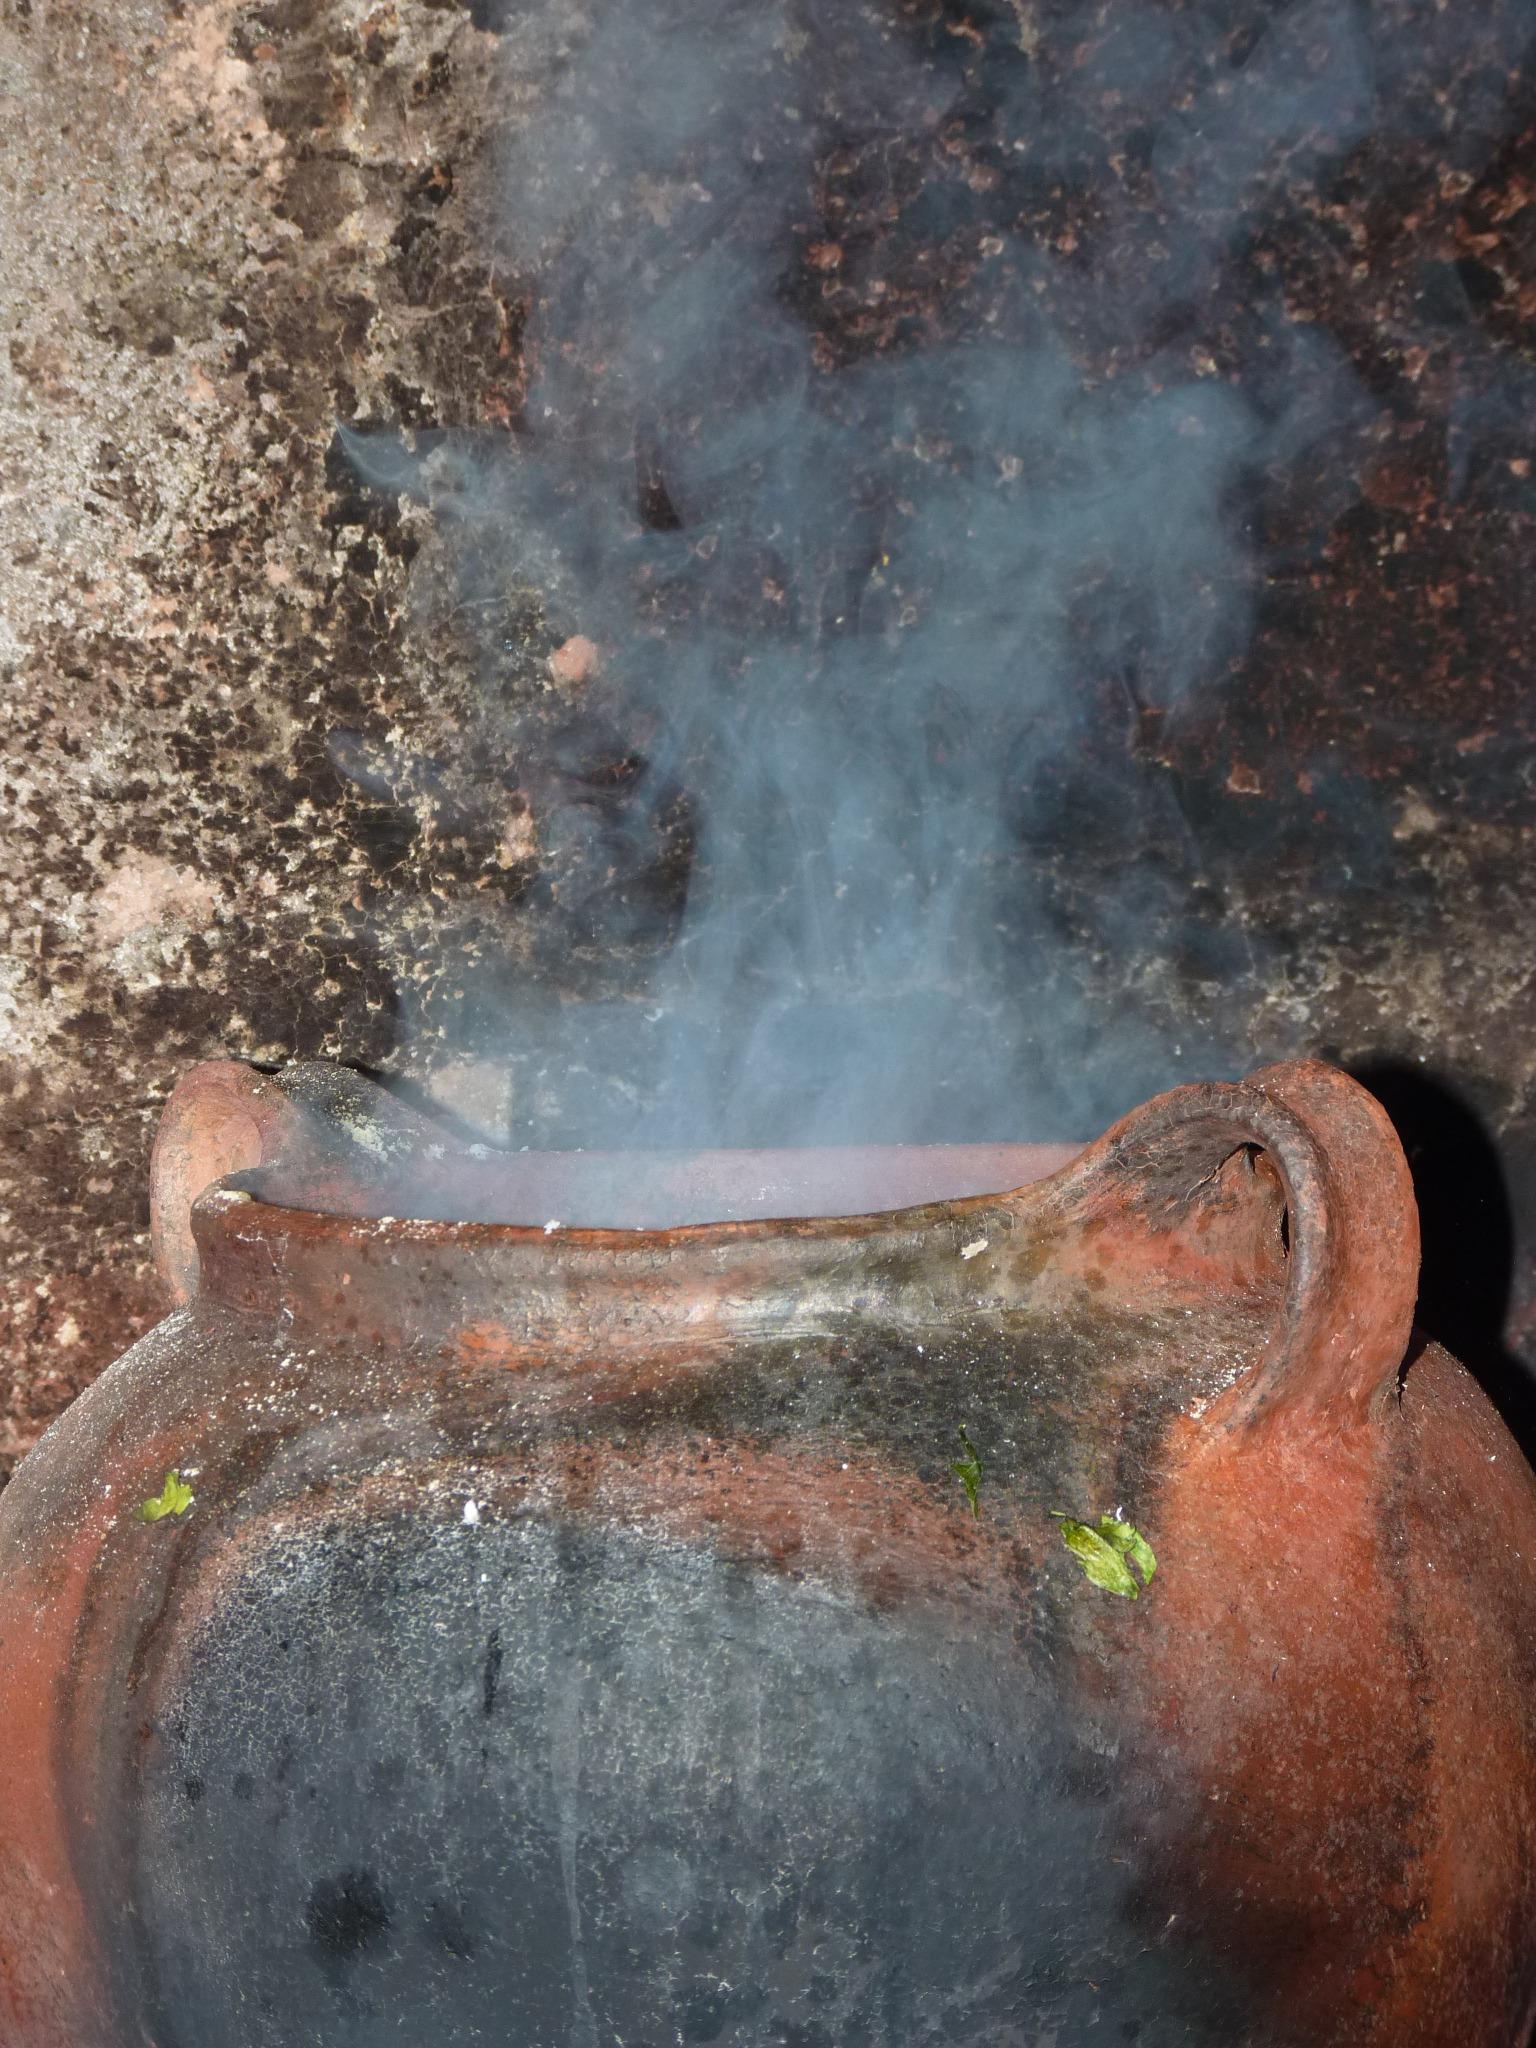 Kochtopf Material kostenlose foto wasser df pot boden material koch brühe